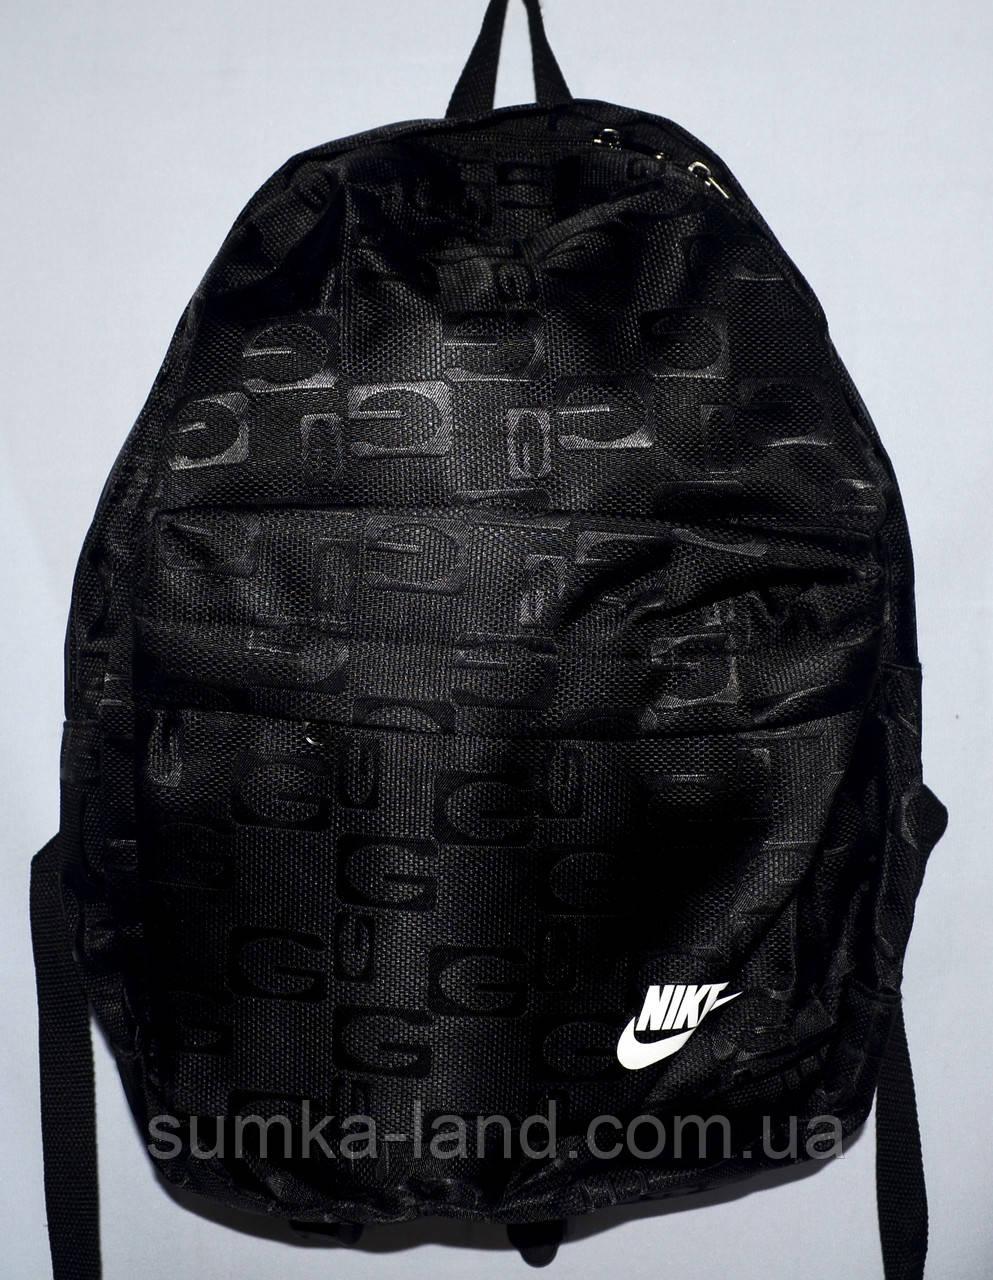 Мужской черный универсальный рюкзак Найк 31*40 см